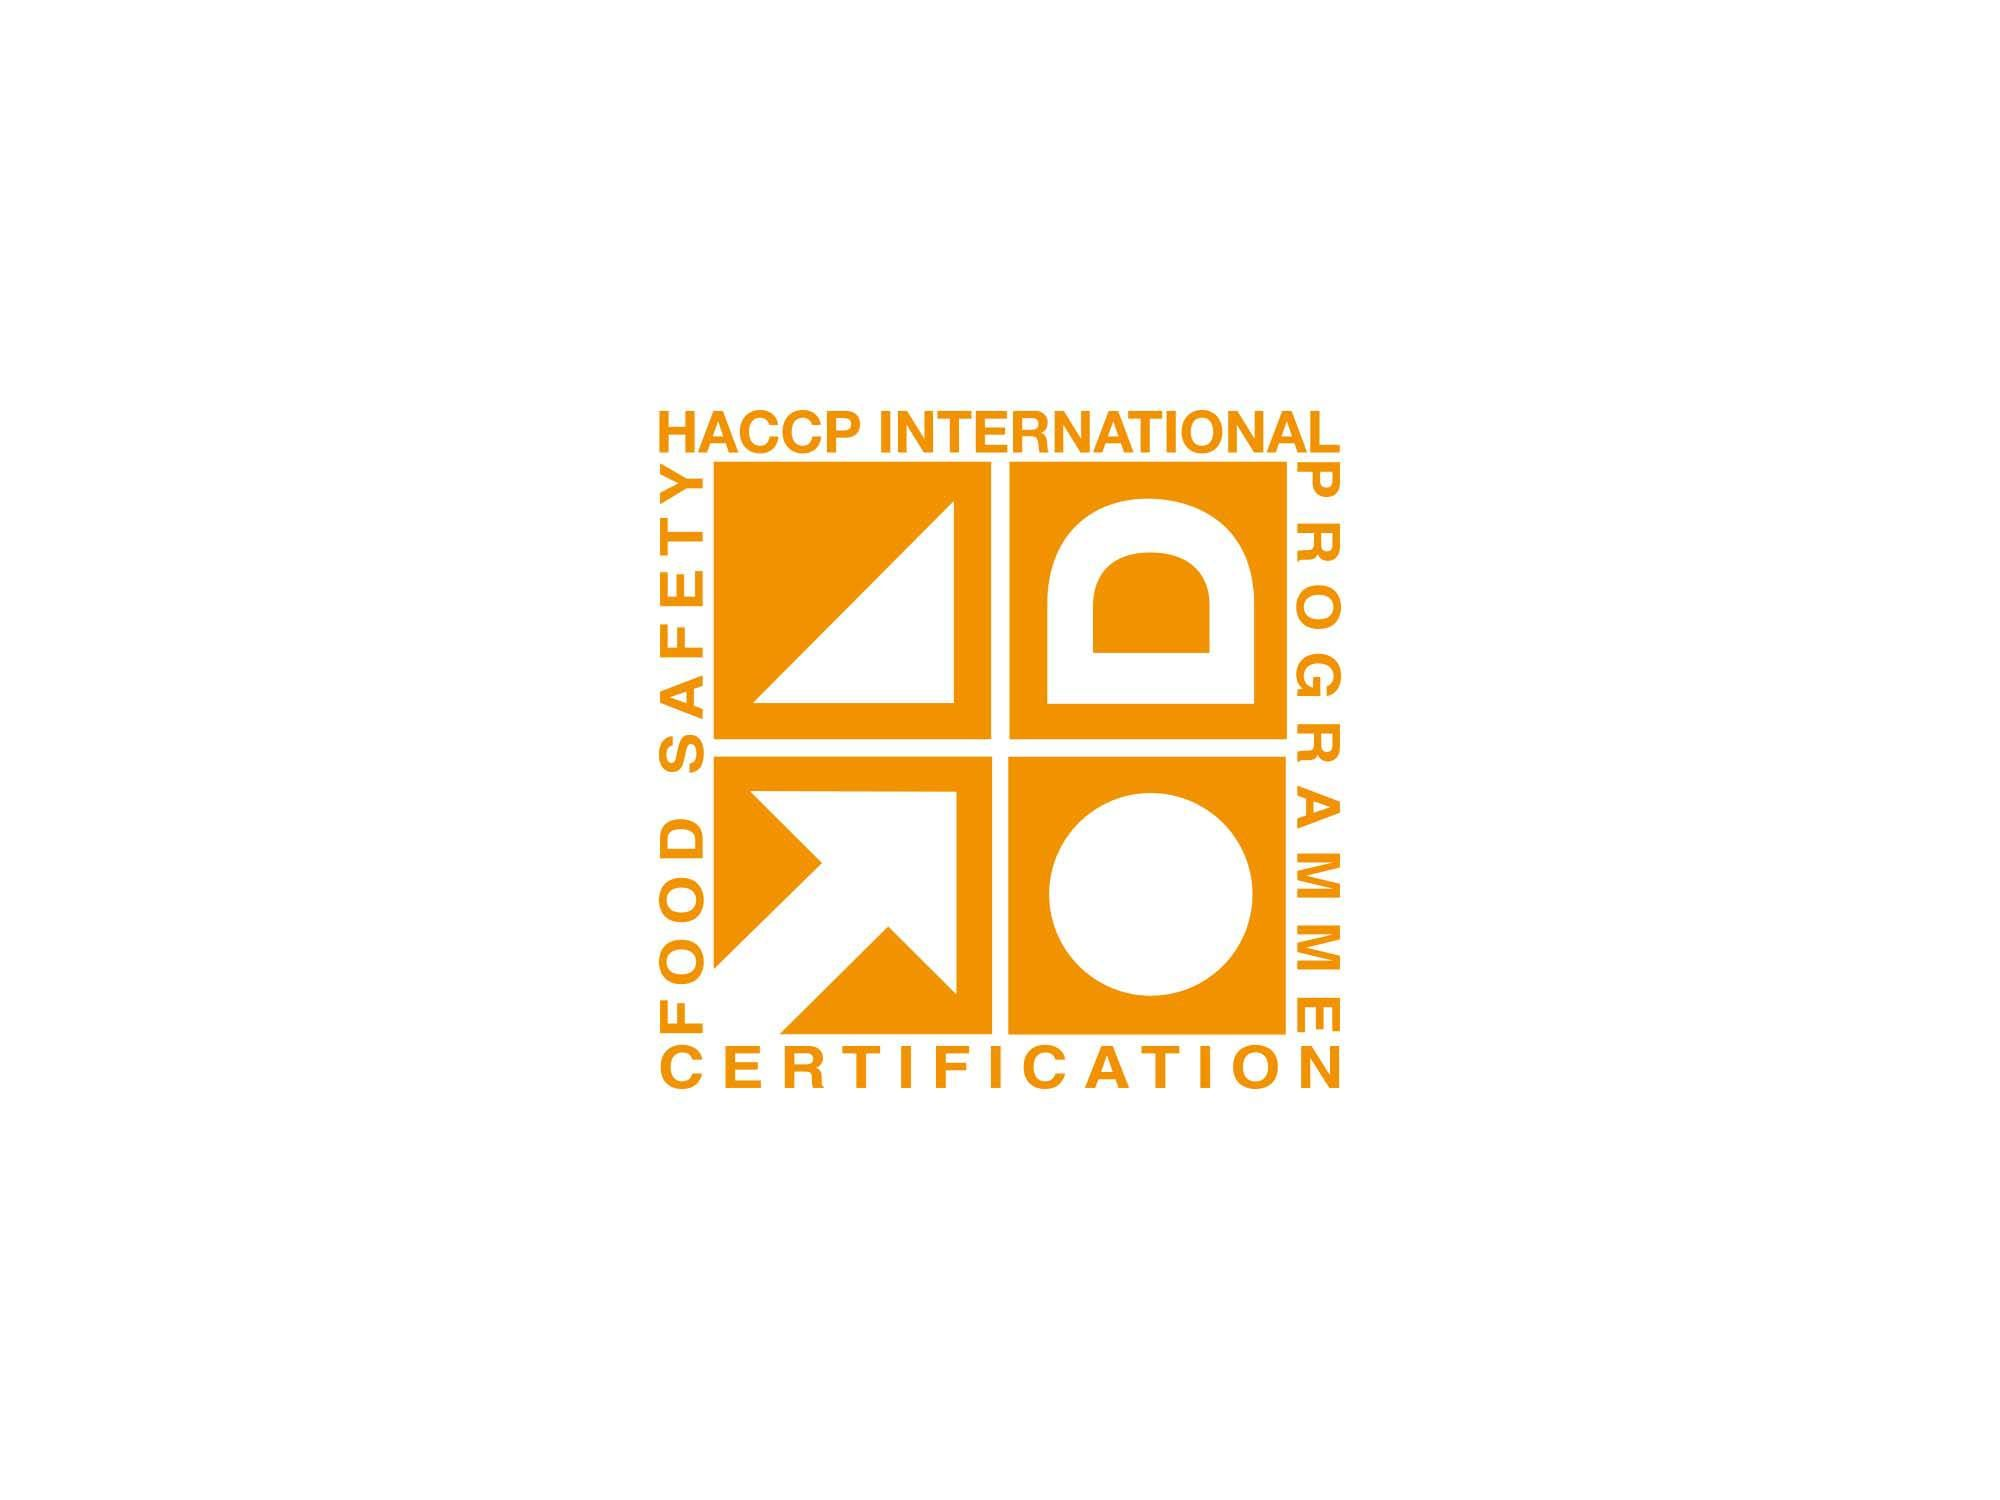 testo-haccp-richtlinie-logo.jpg